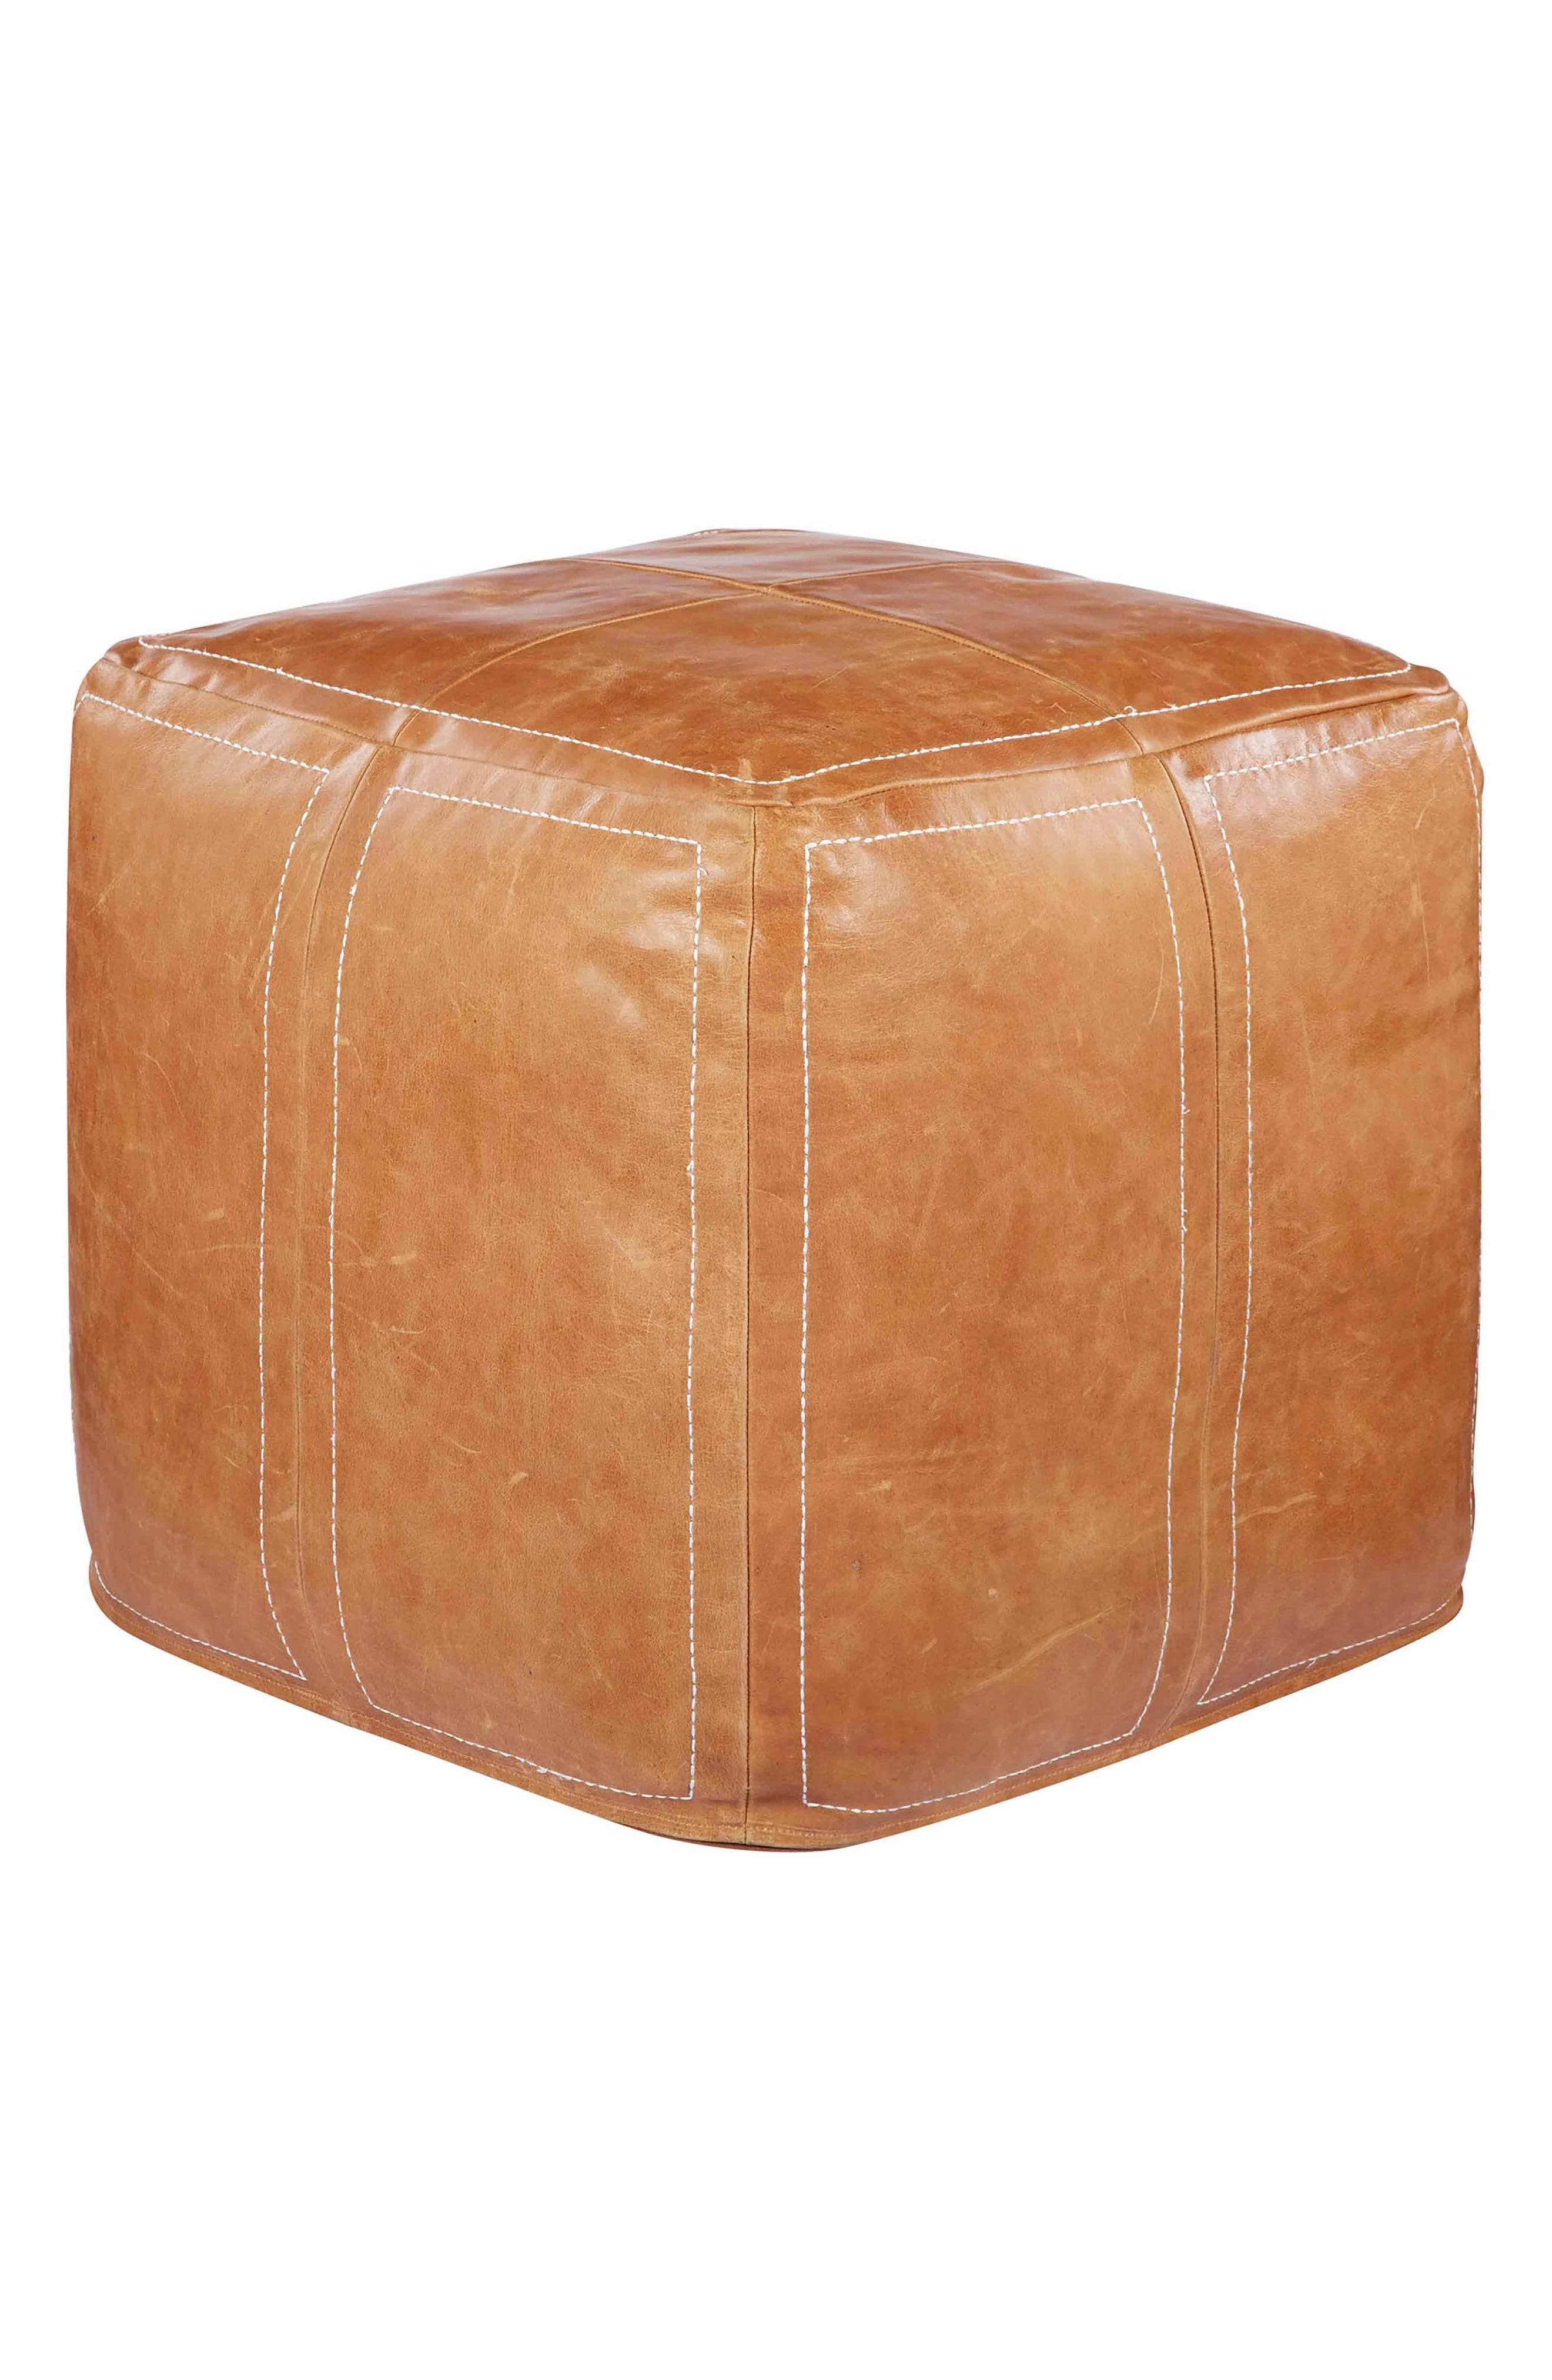 Leather Accent Pouf,                         Main,                         color, CAMEL/ CAMEL